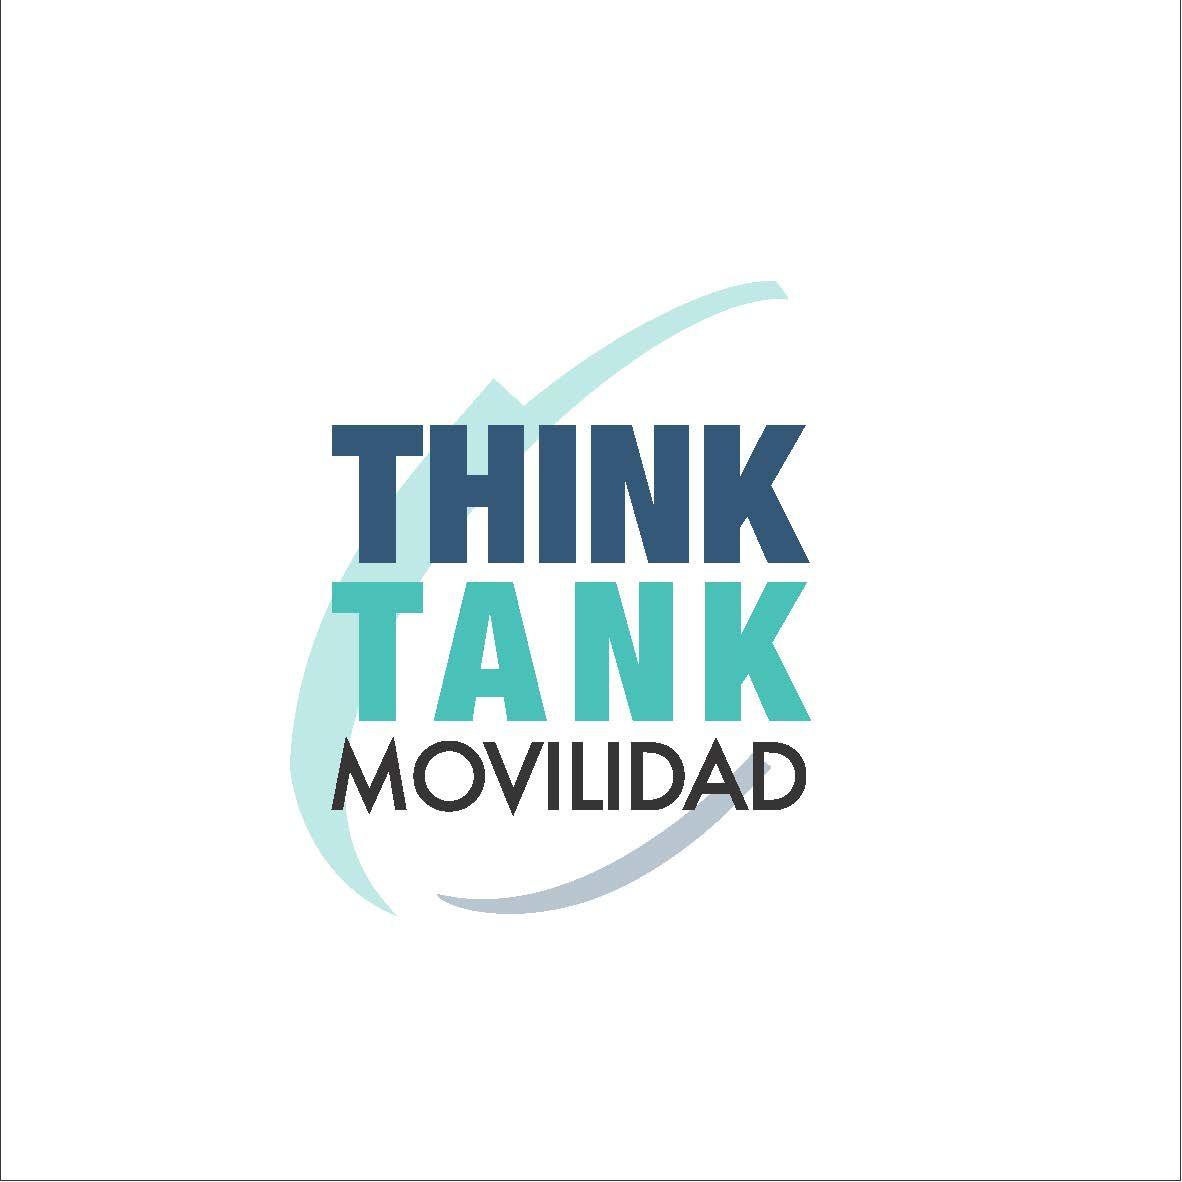 El Think Tank Movilidad analiza el impacto de la tecnología en el empleo del sector del transporte